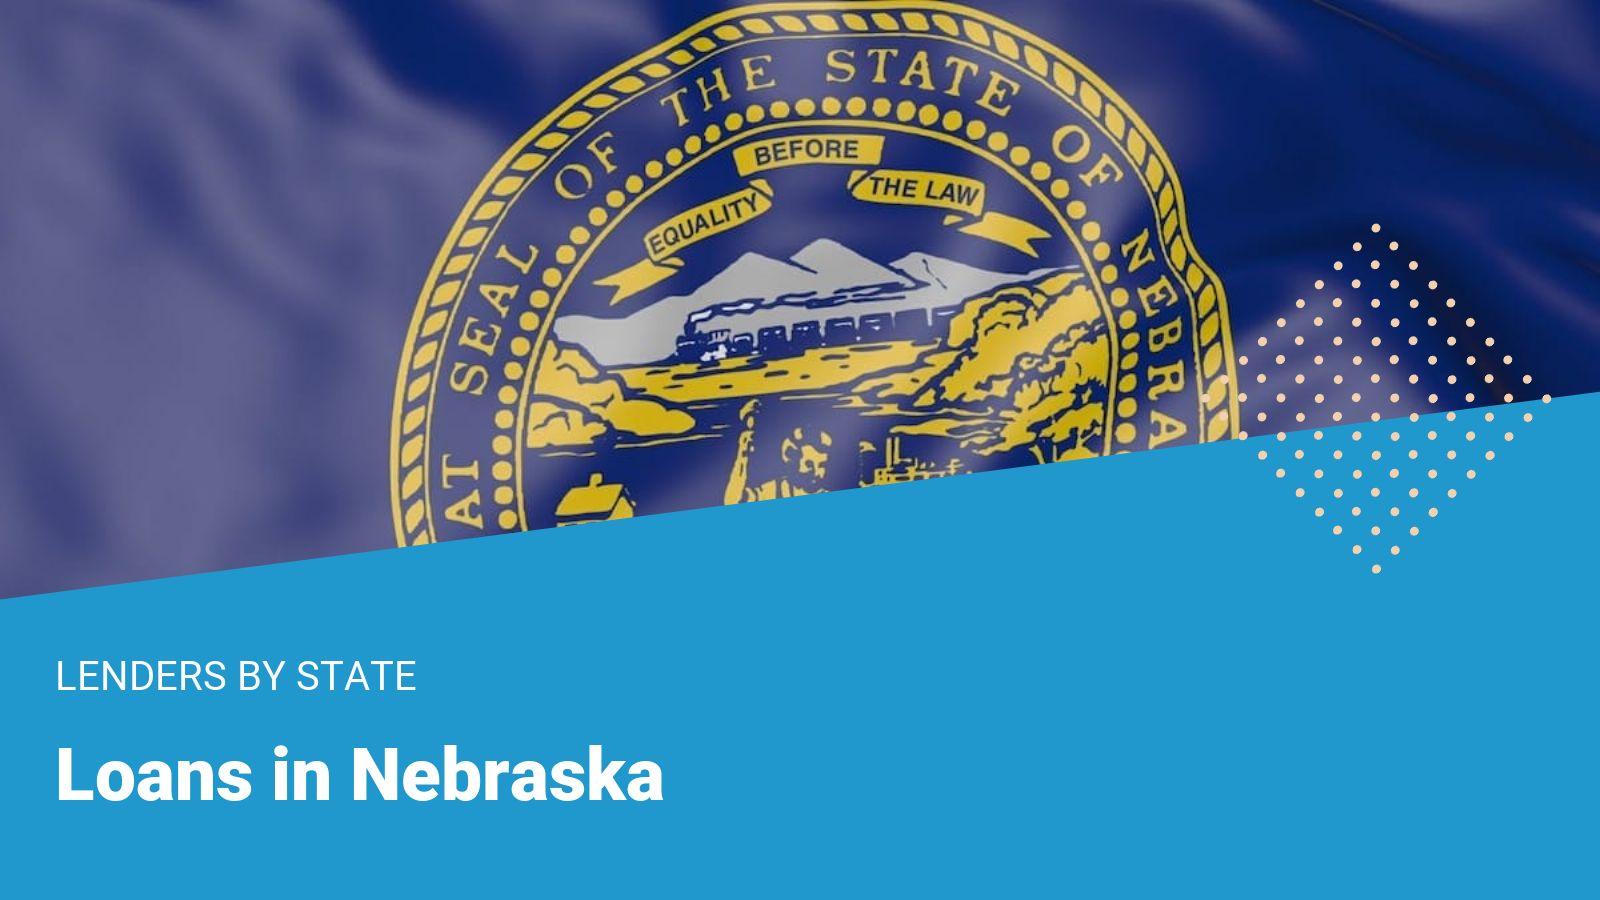 Nebraska loans